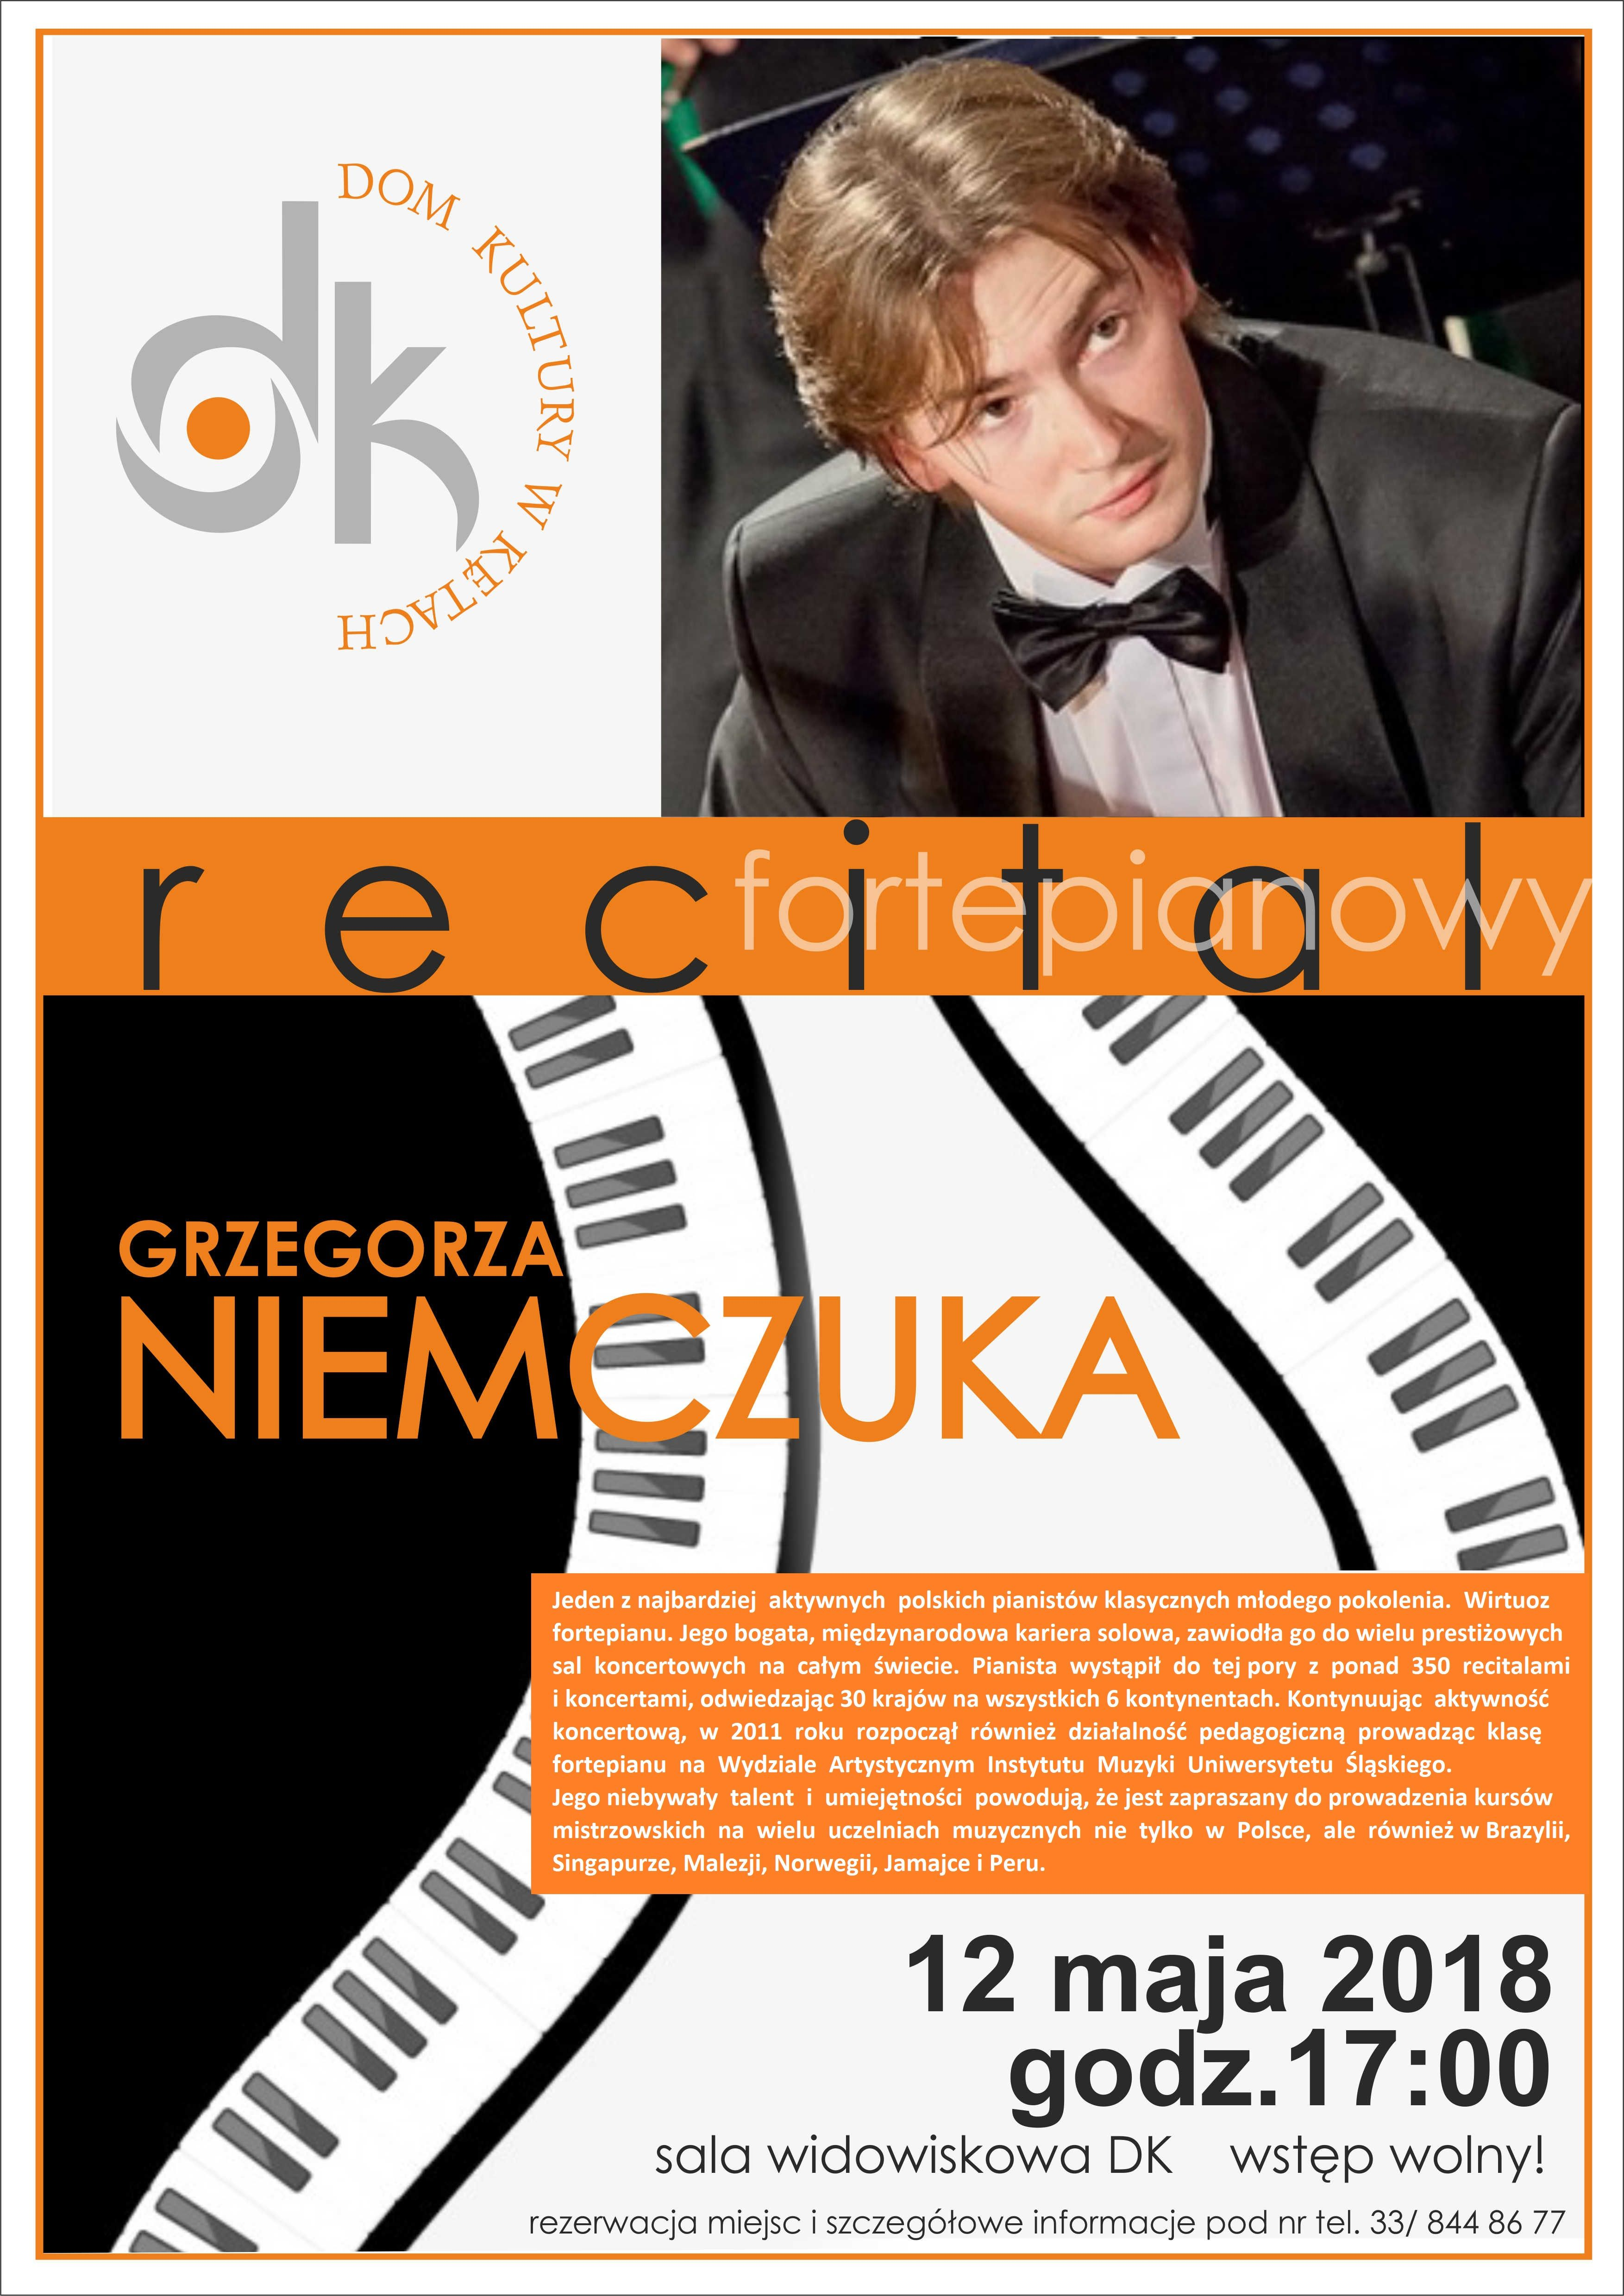 Recital Grzegorza Niemczuka